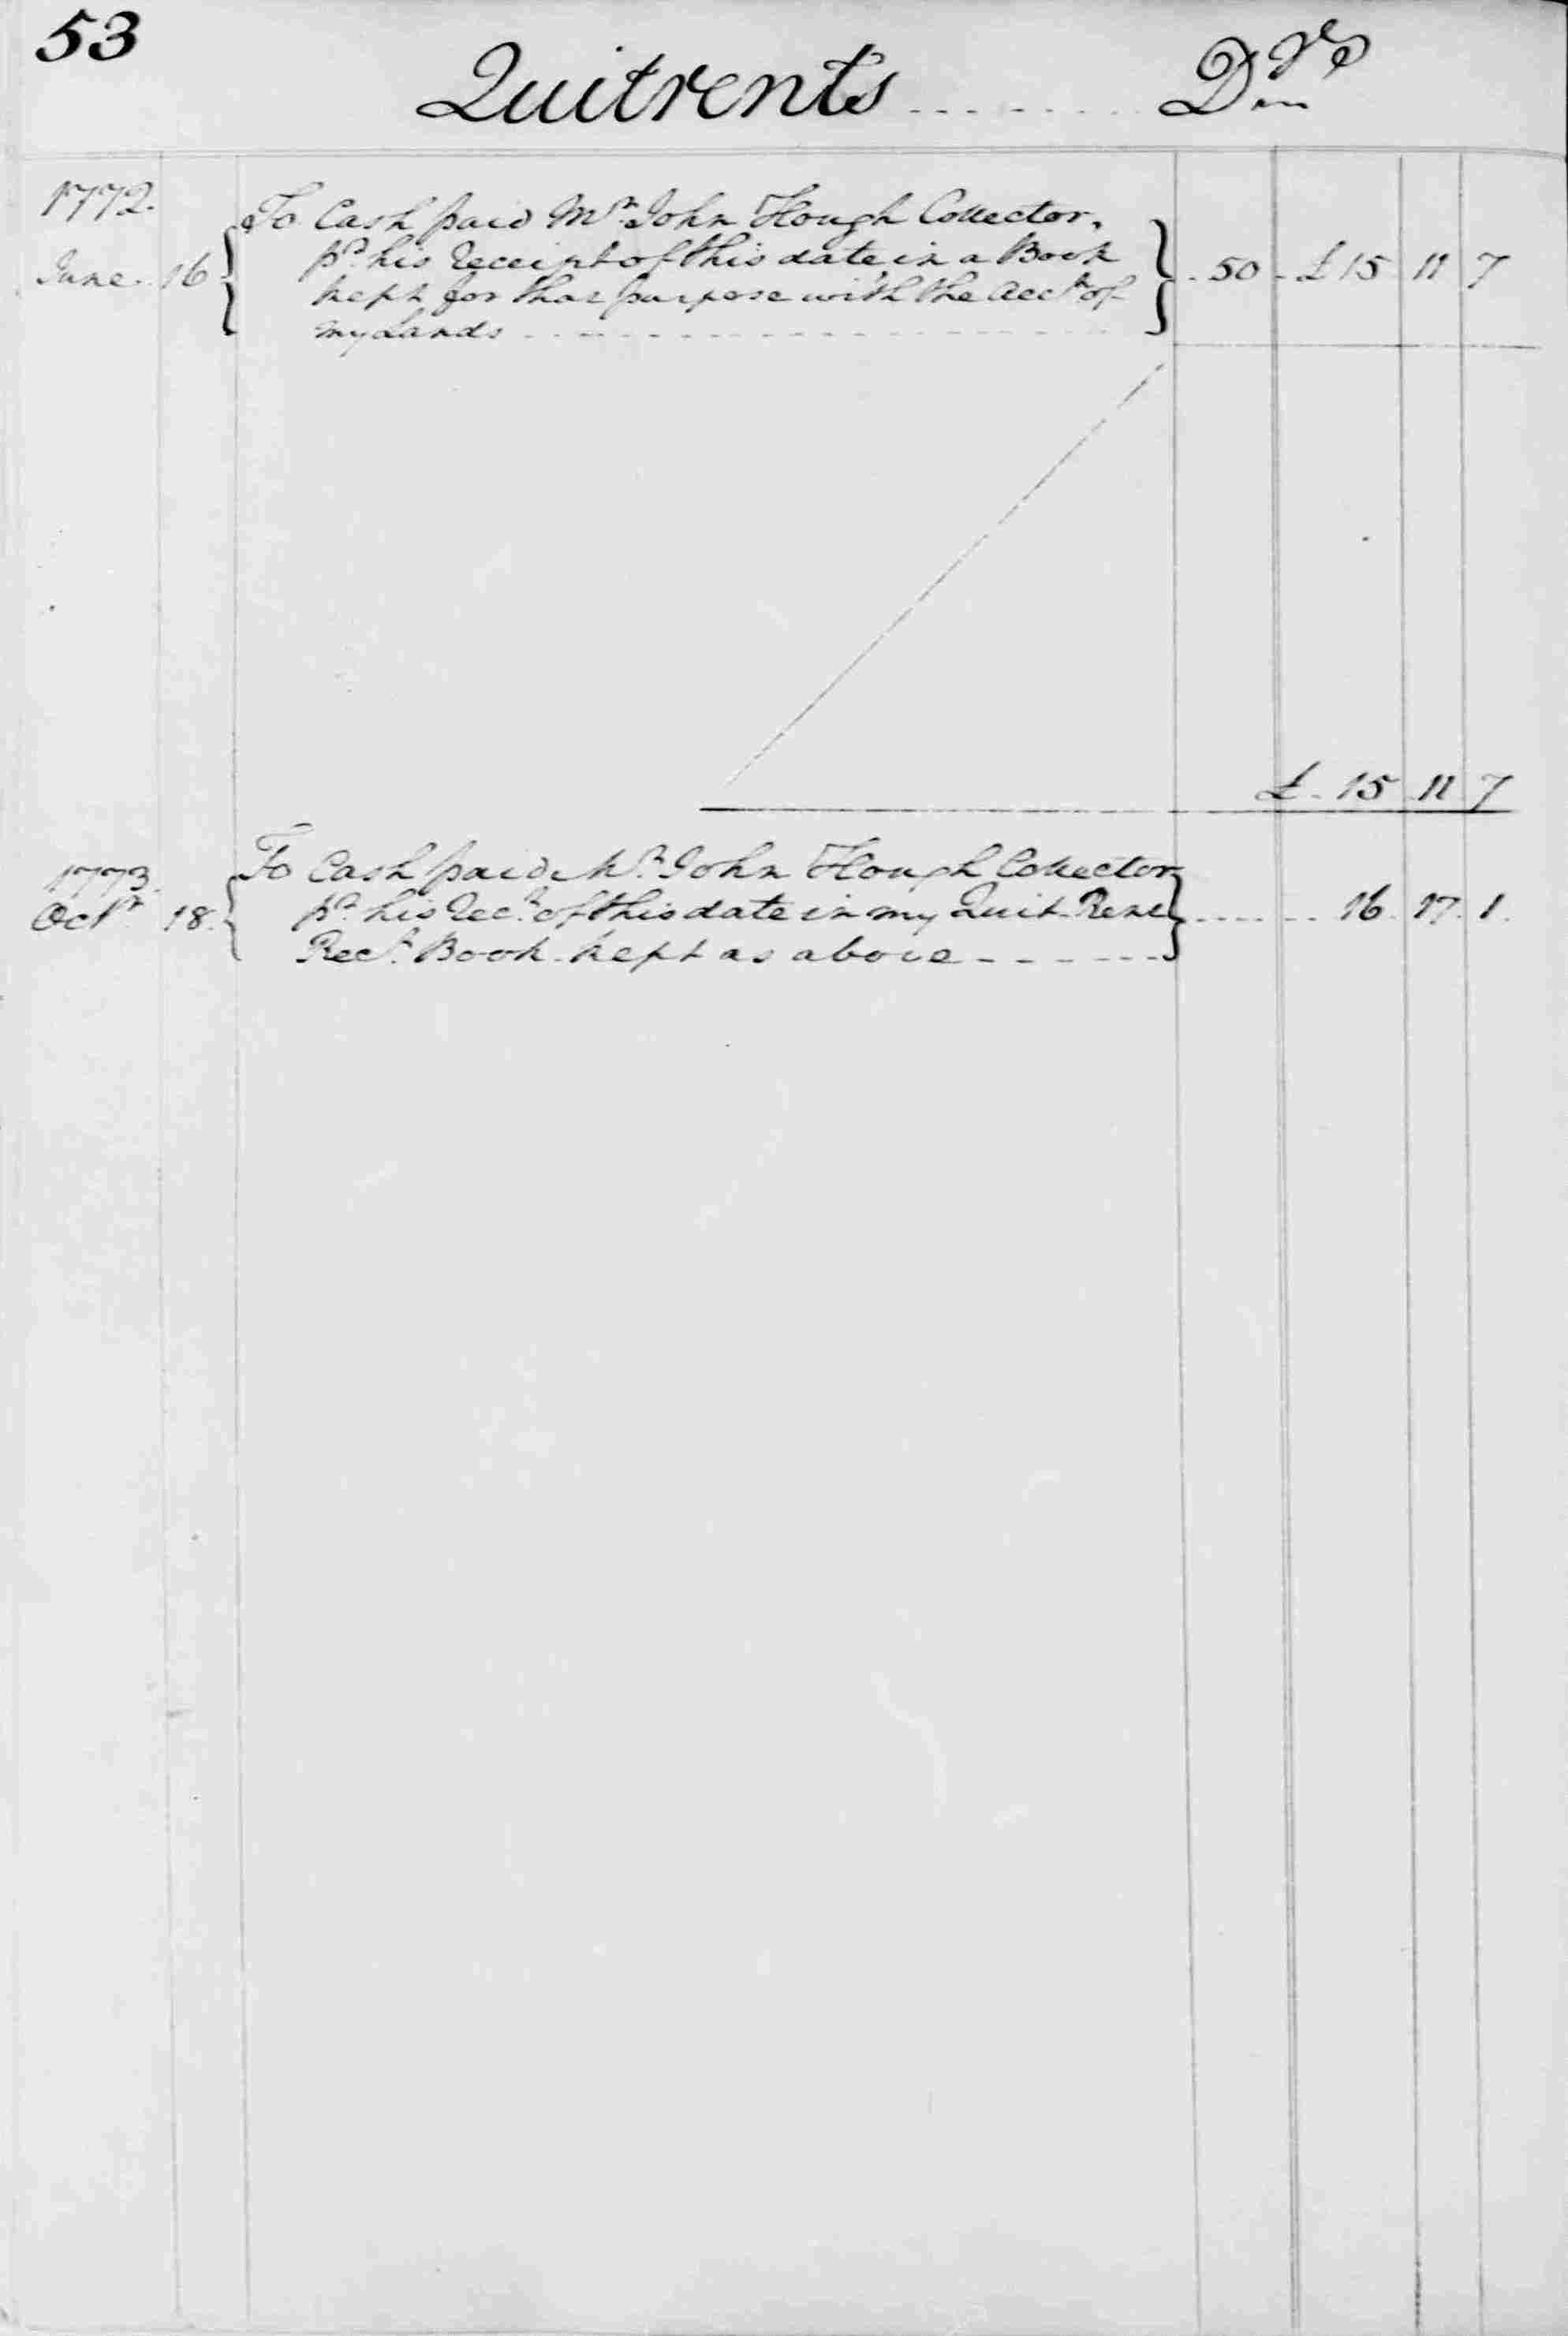 Ledger B, folio 53, left side